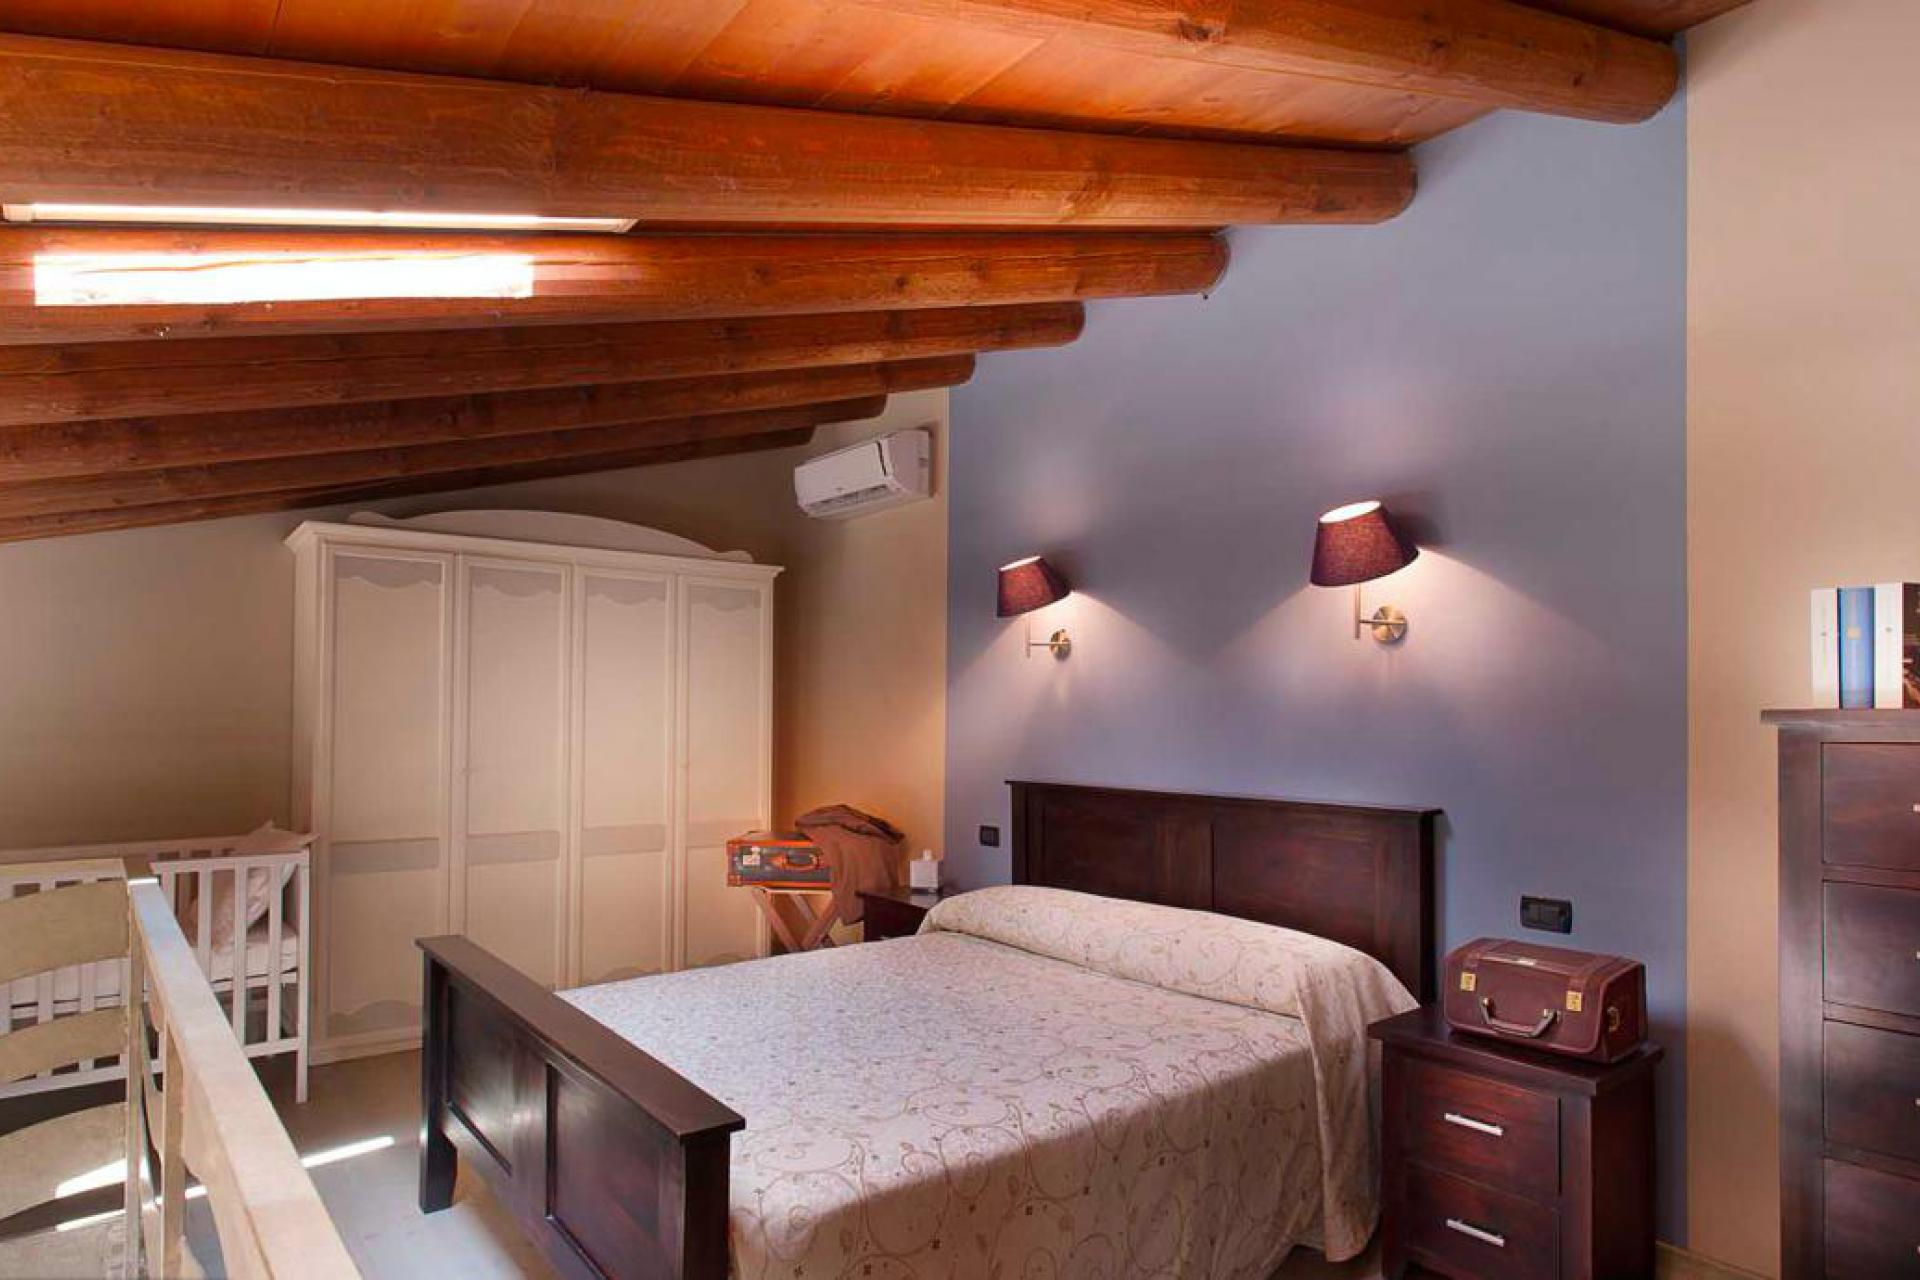 Agriturismo Comomeer en Gardameer .Country hotel Gardameer Italië, een luxe oase van rust | myitaly.nl